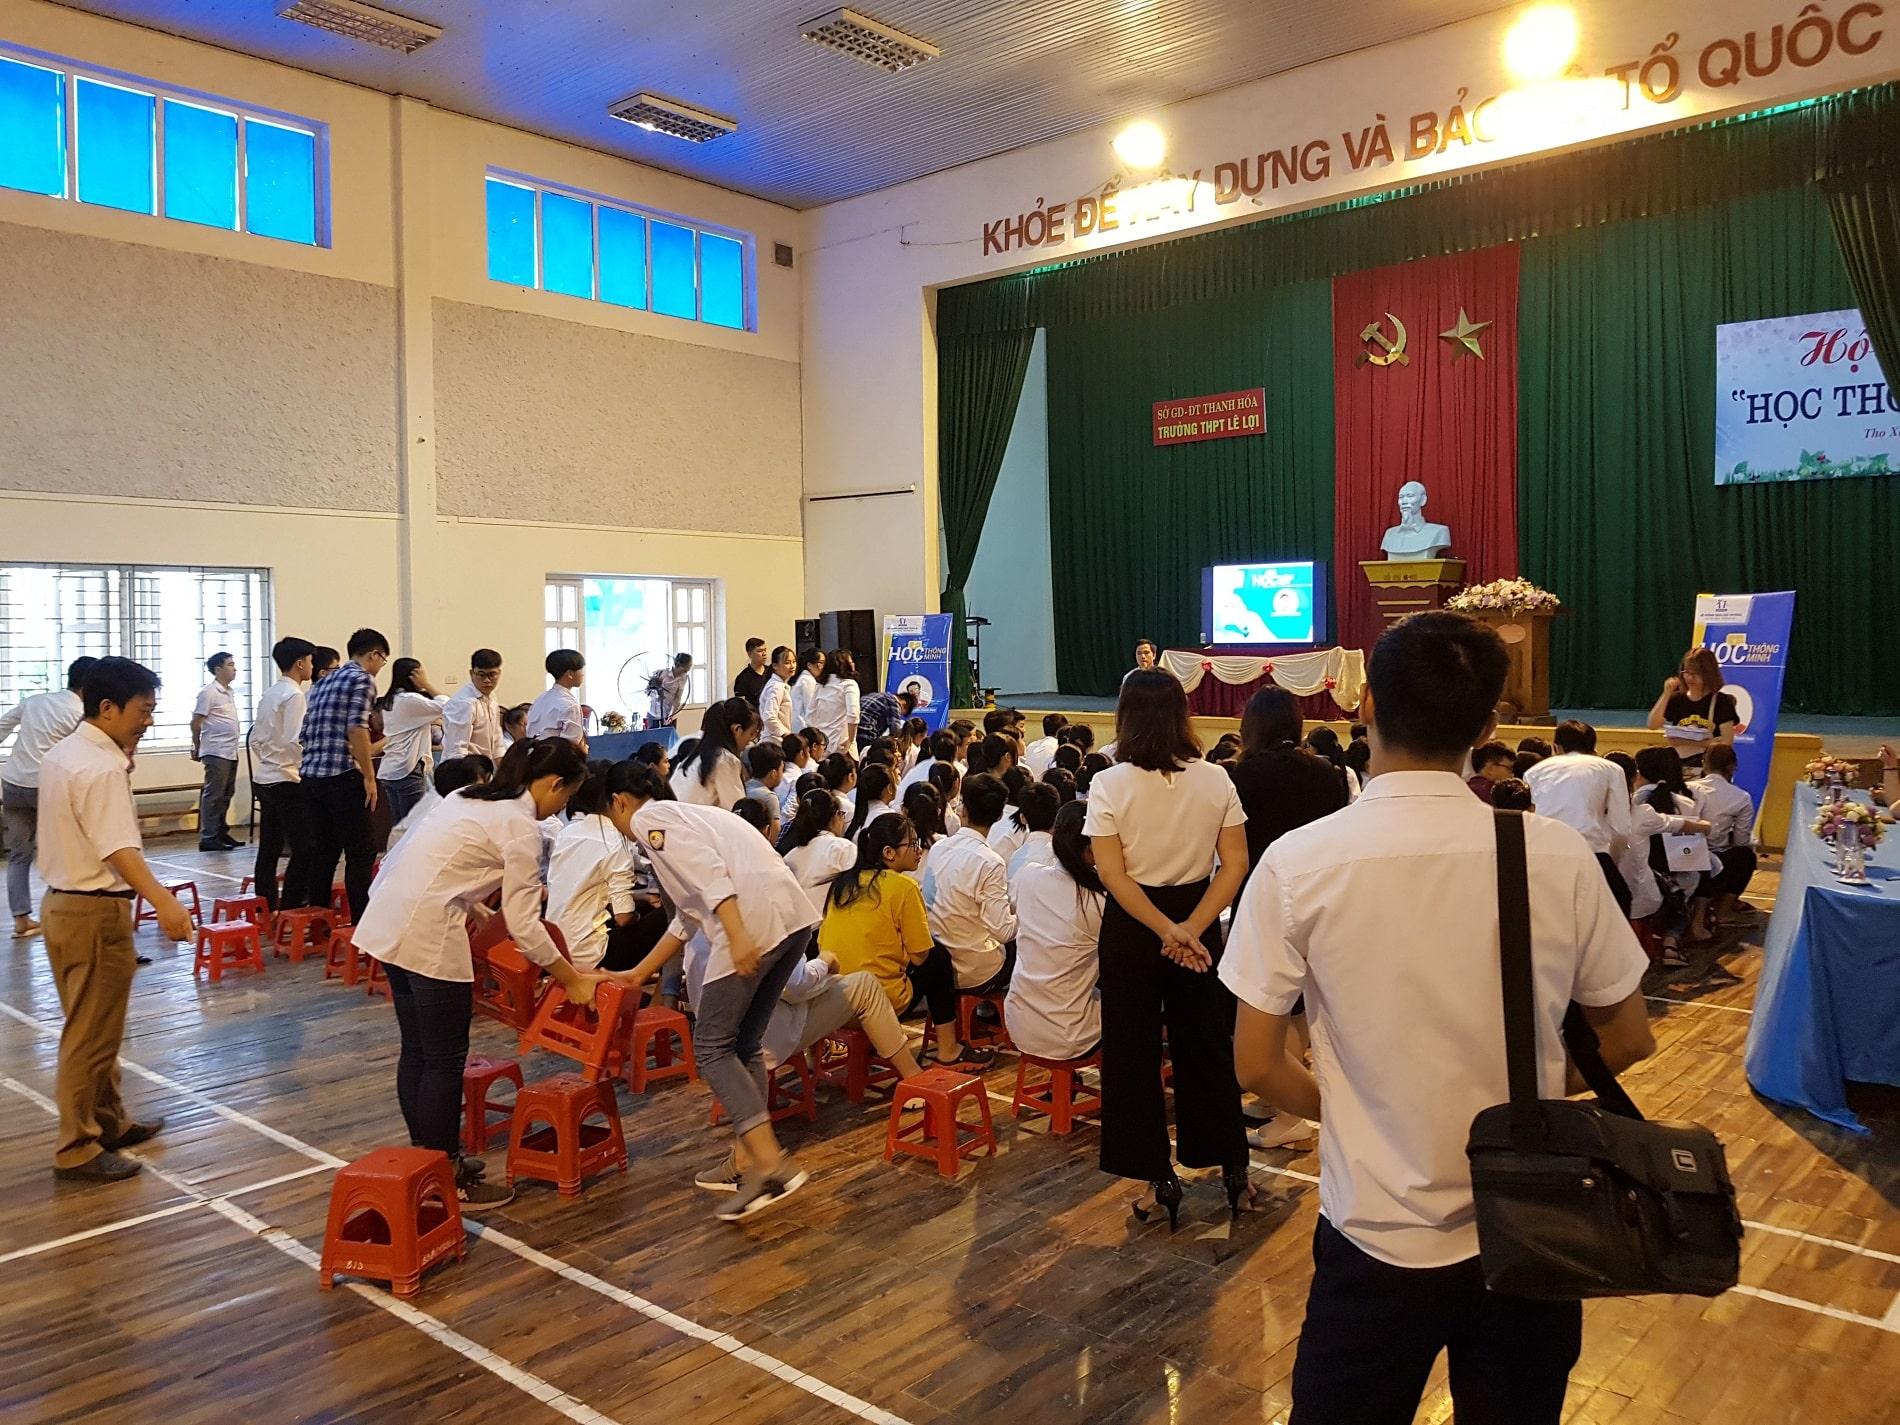 hocmai education lecture in an auditorium in vietnam